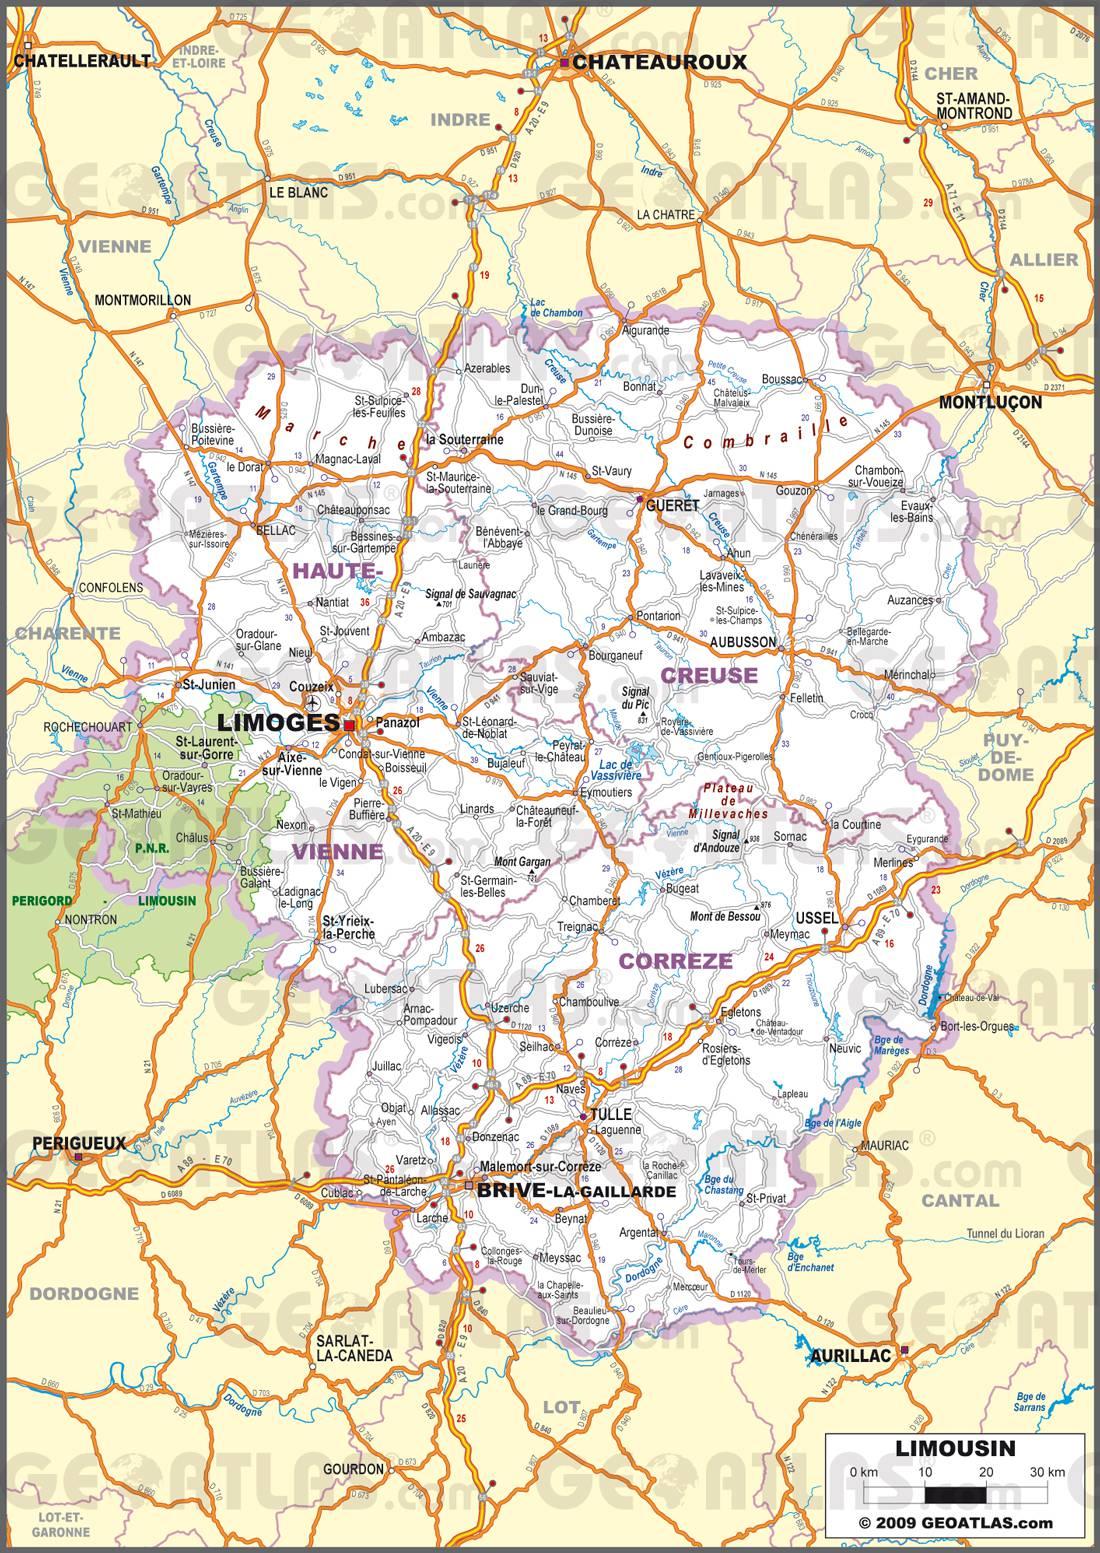 Carte routière du Limousin